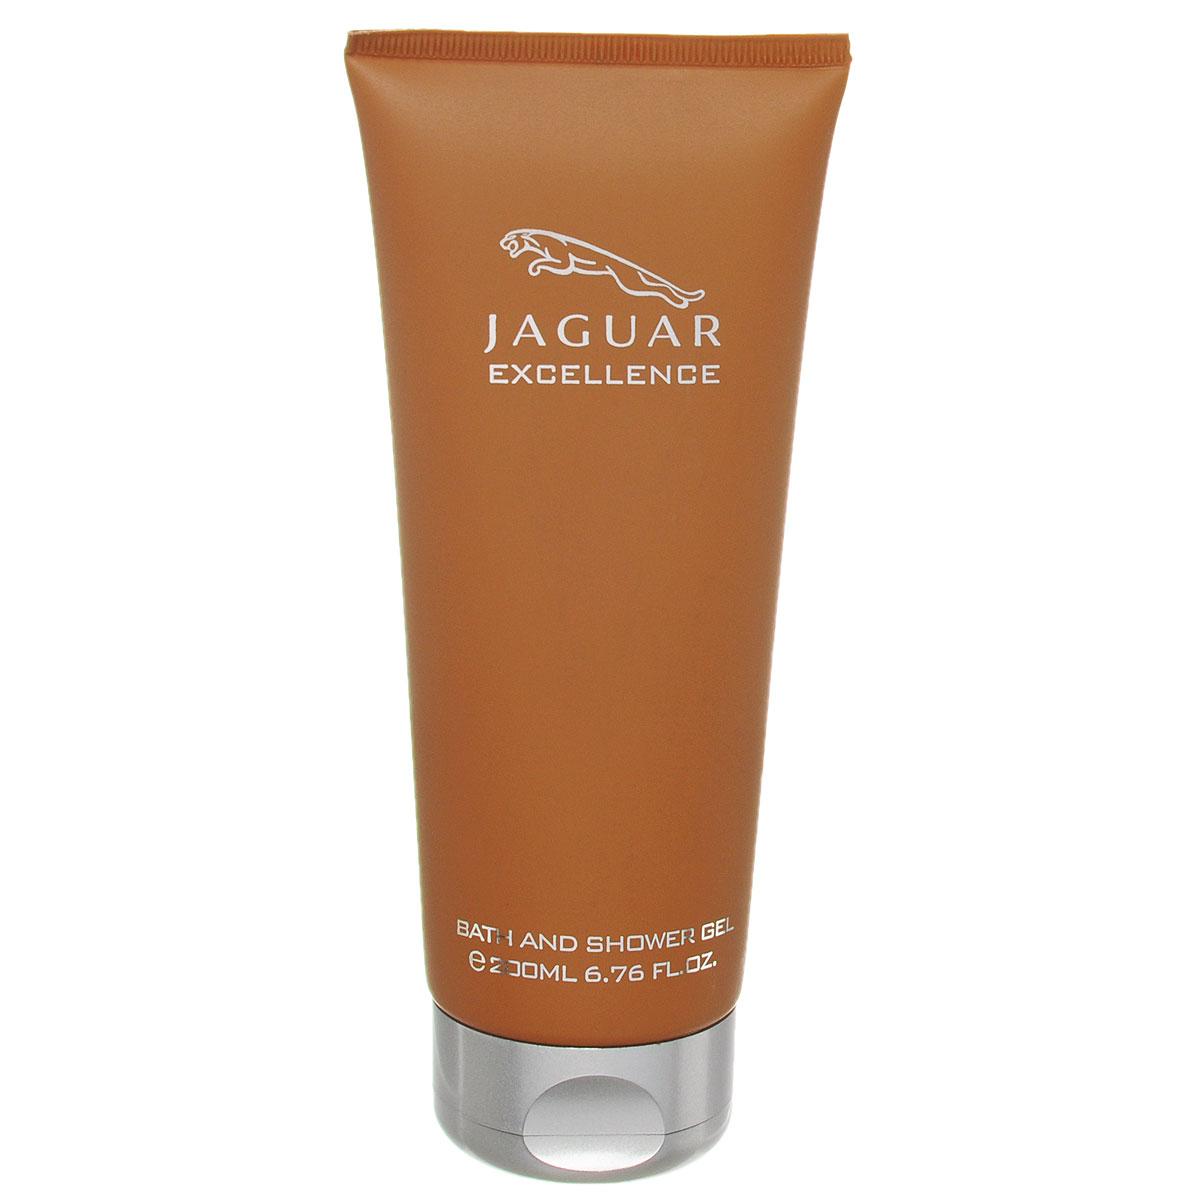 Jaguar Гель для душа Excellence мужской 200 млJ560550Вид аромата: Древесно-восточный